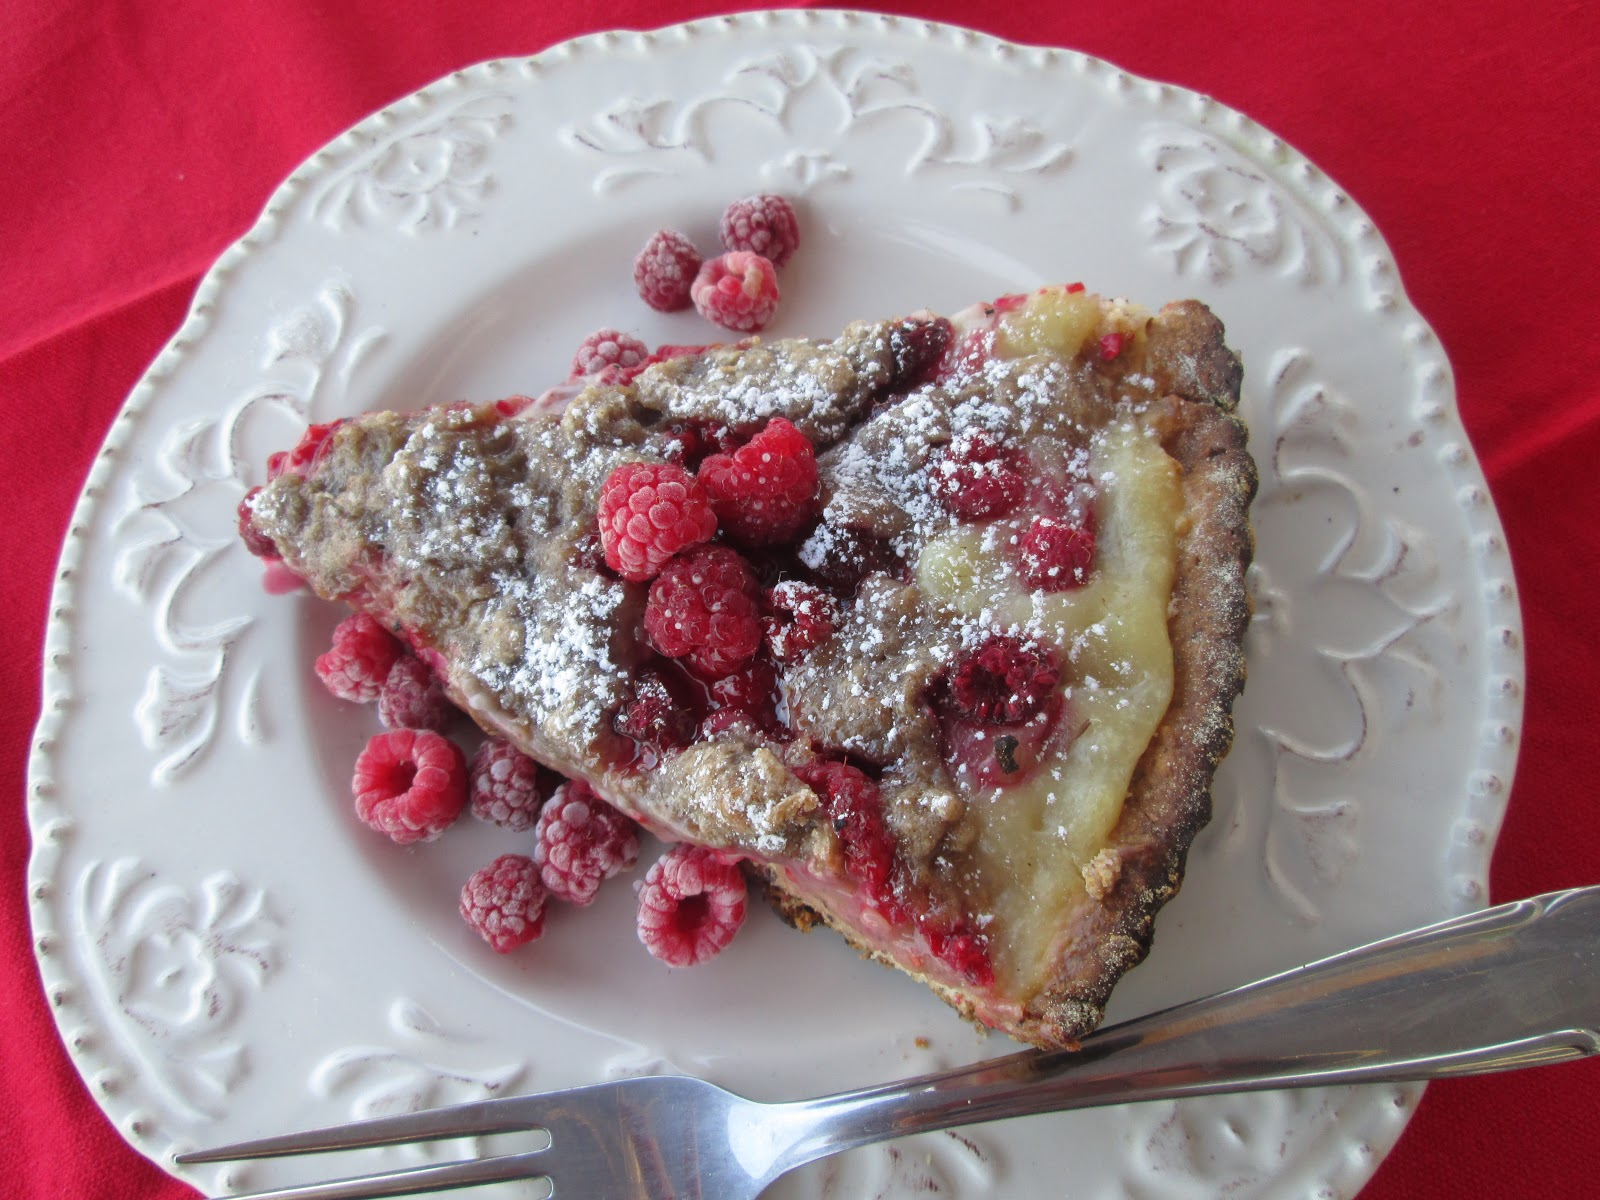 Canela kitchen : Raspberries kuchen with vanilla cream and streusel   {Küchenmöbel made in germany 74}